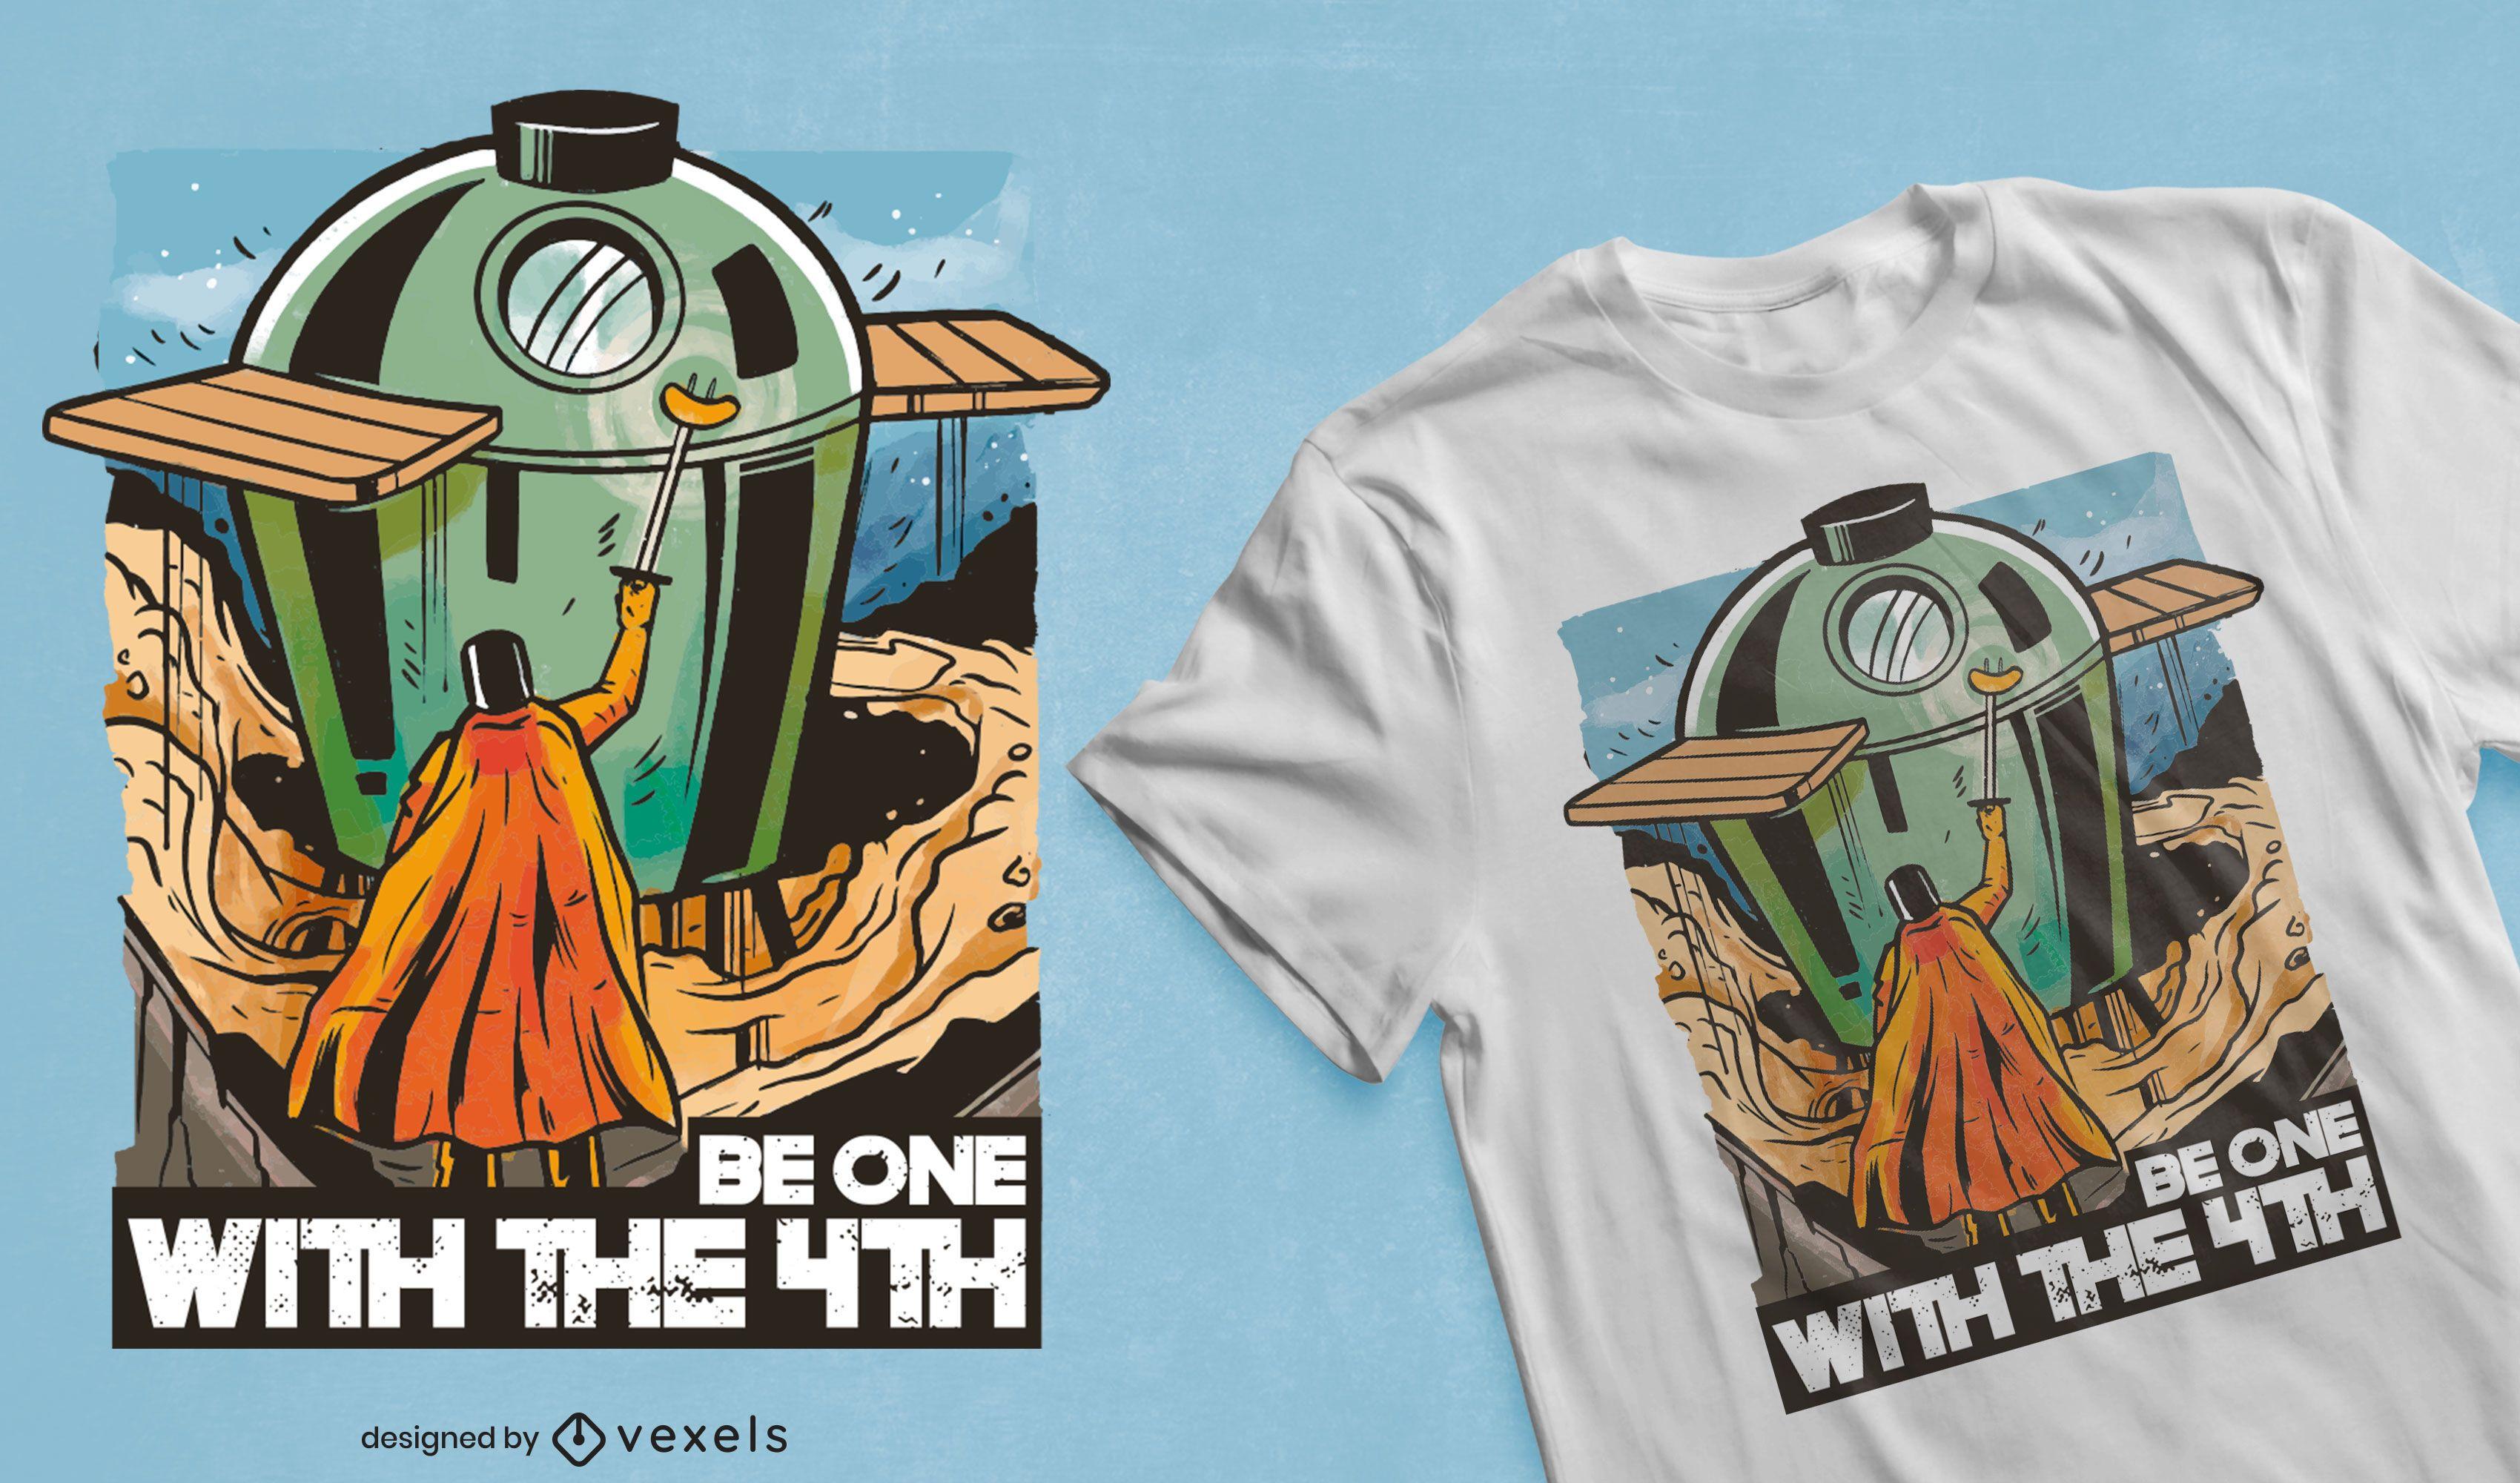 Sky BBQ parody quote t-shirt design